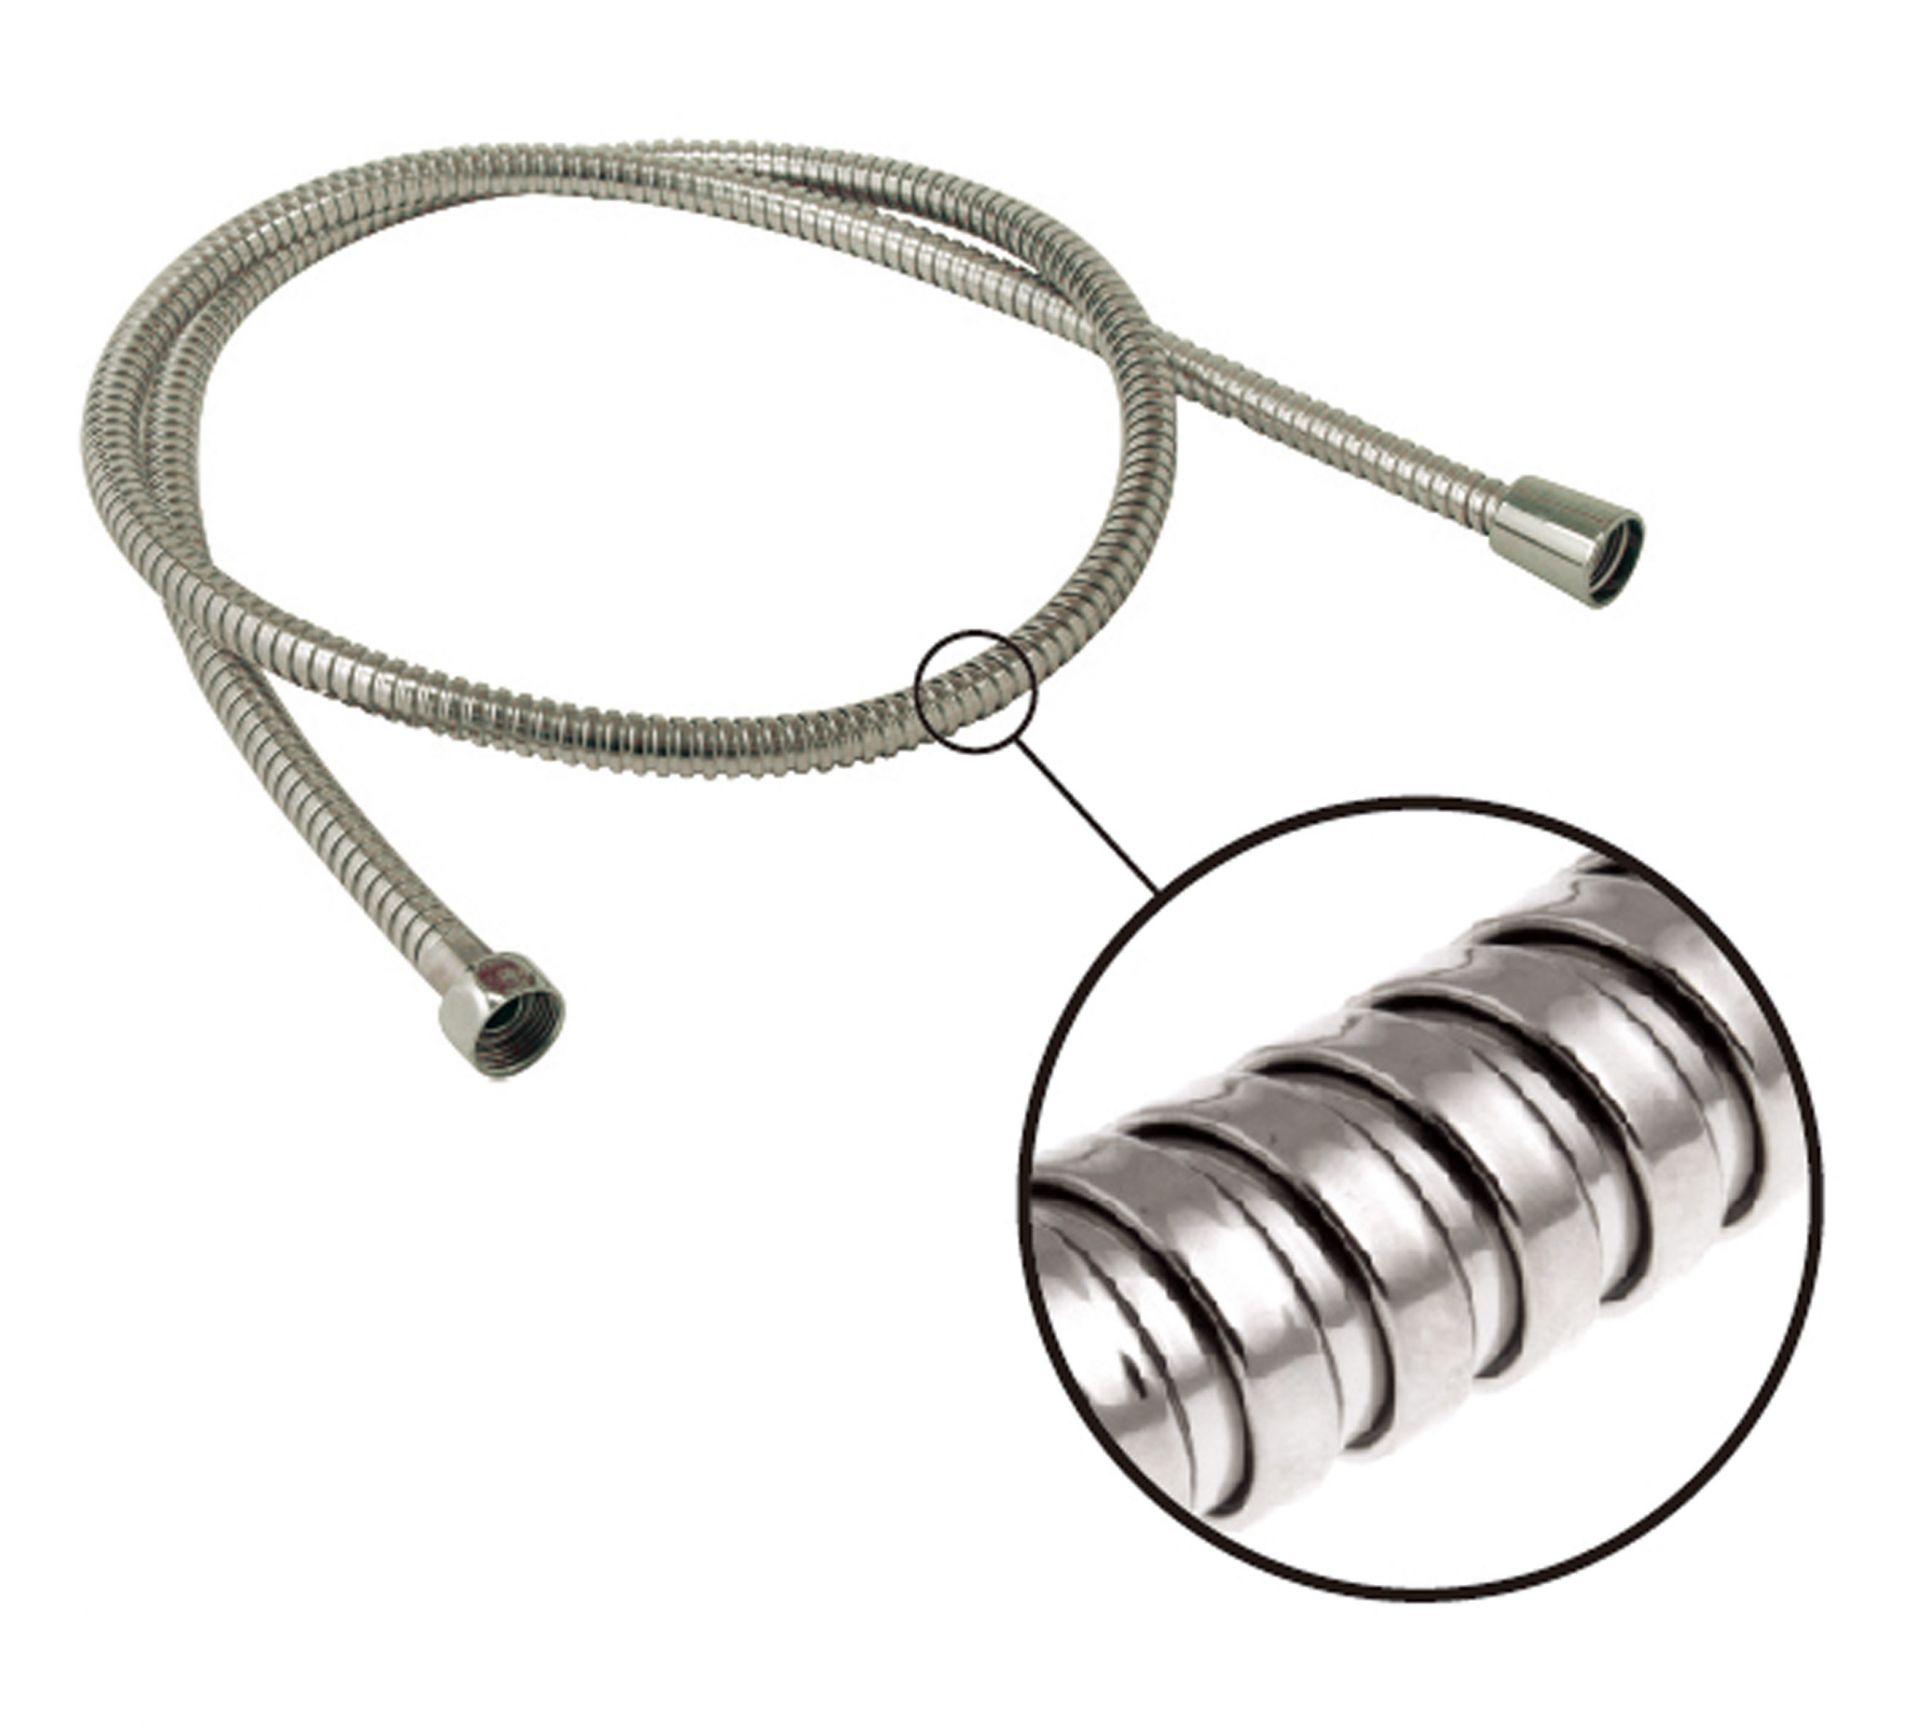 蓮蓬頭水管、PVC水管、伸縮蓮蓬頭水管